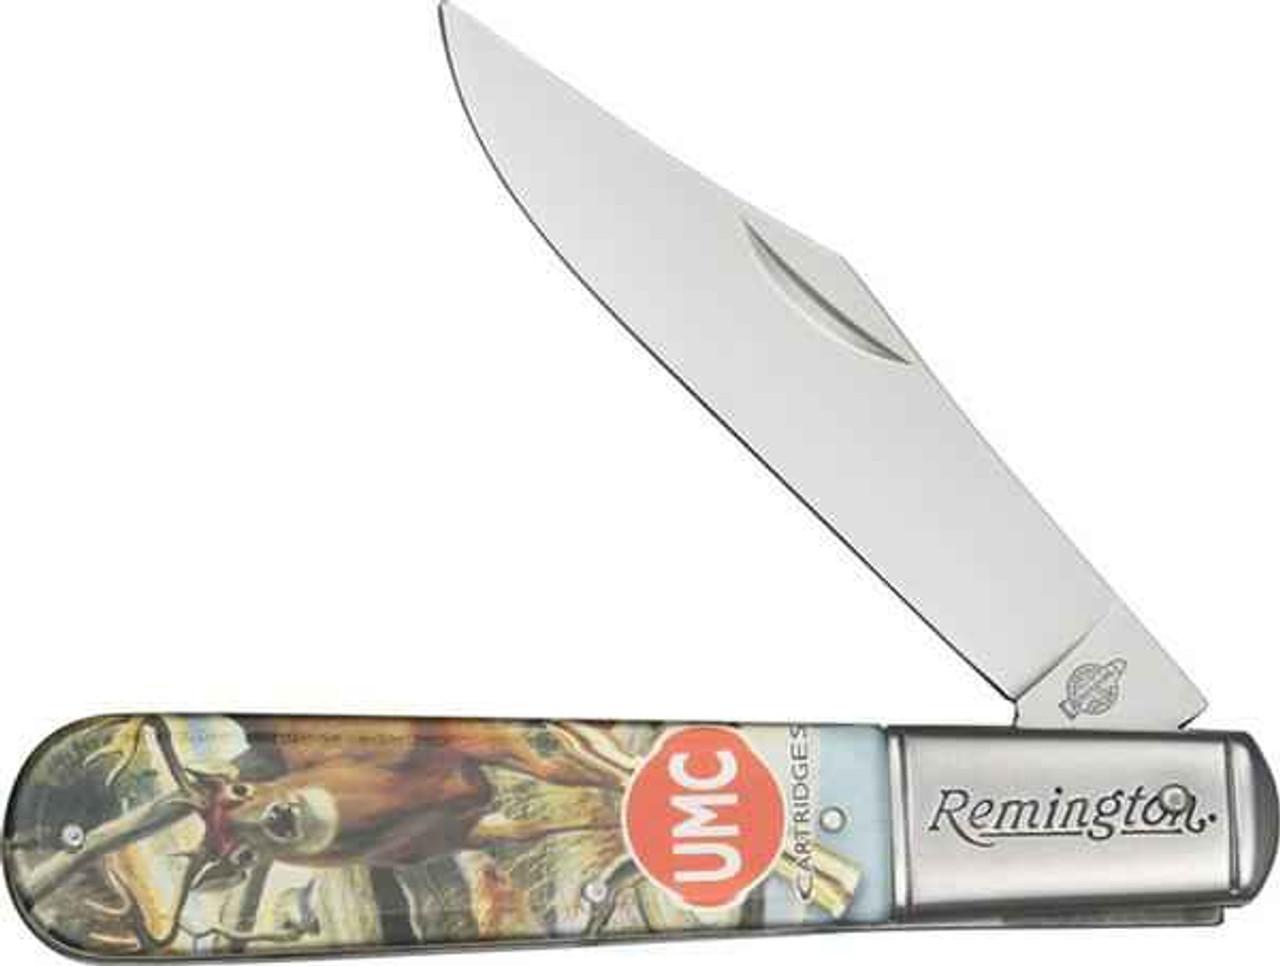 Remington Large Barlow, UMC Whitetail Magic